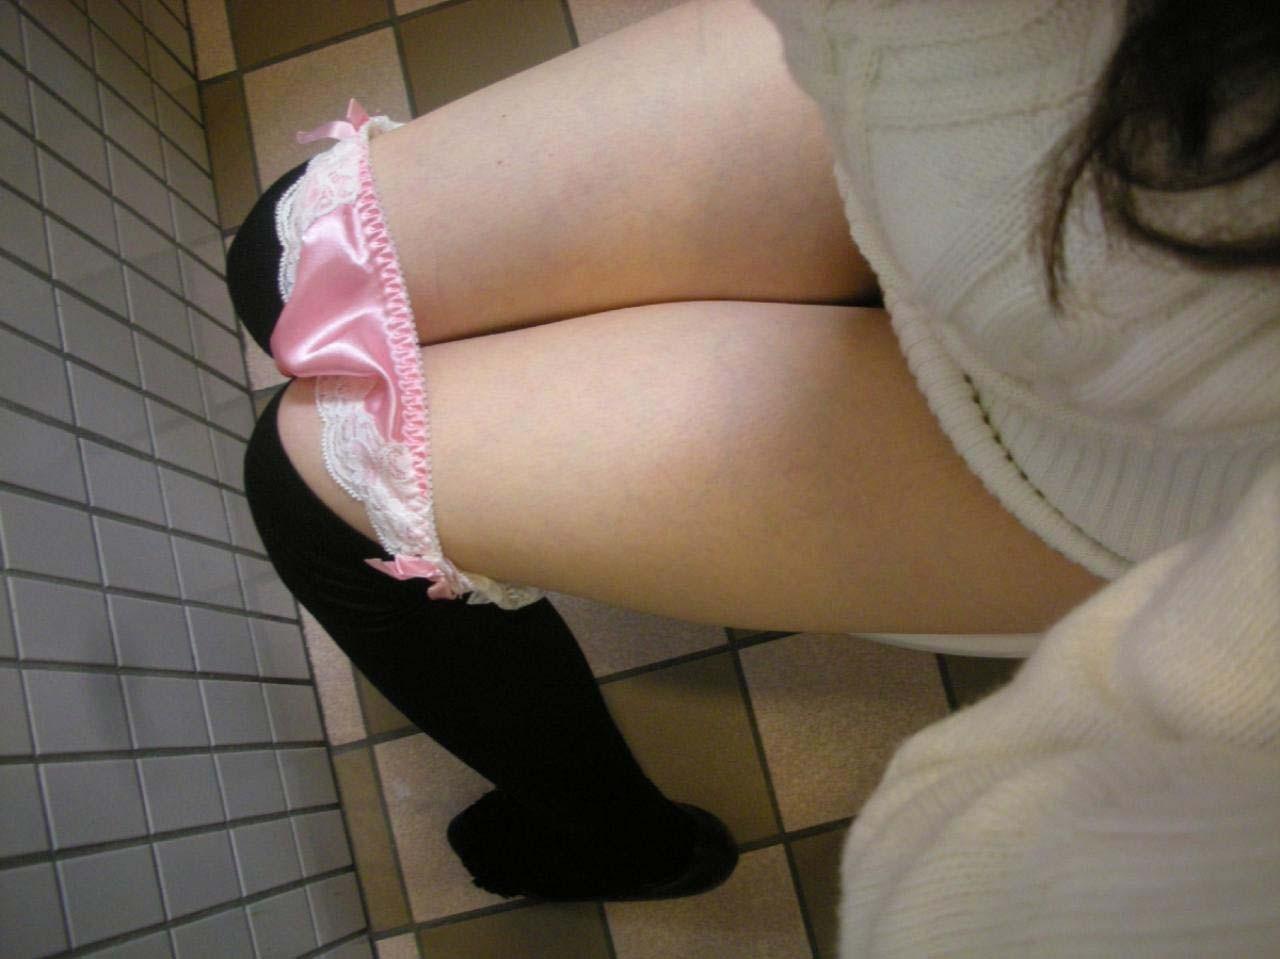 【トイレエロ画像】おしっこするところ見せて!力技で女子のトイレを目撃(;・∀・)